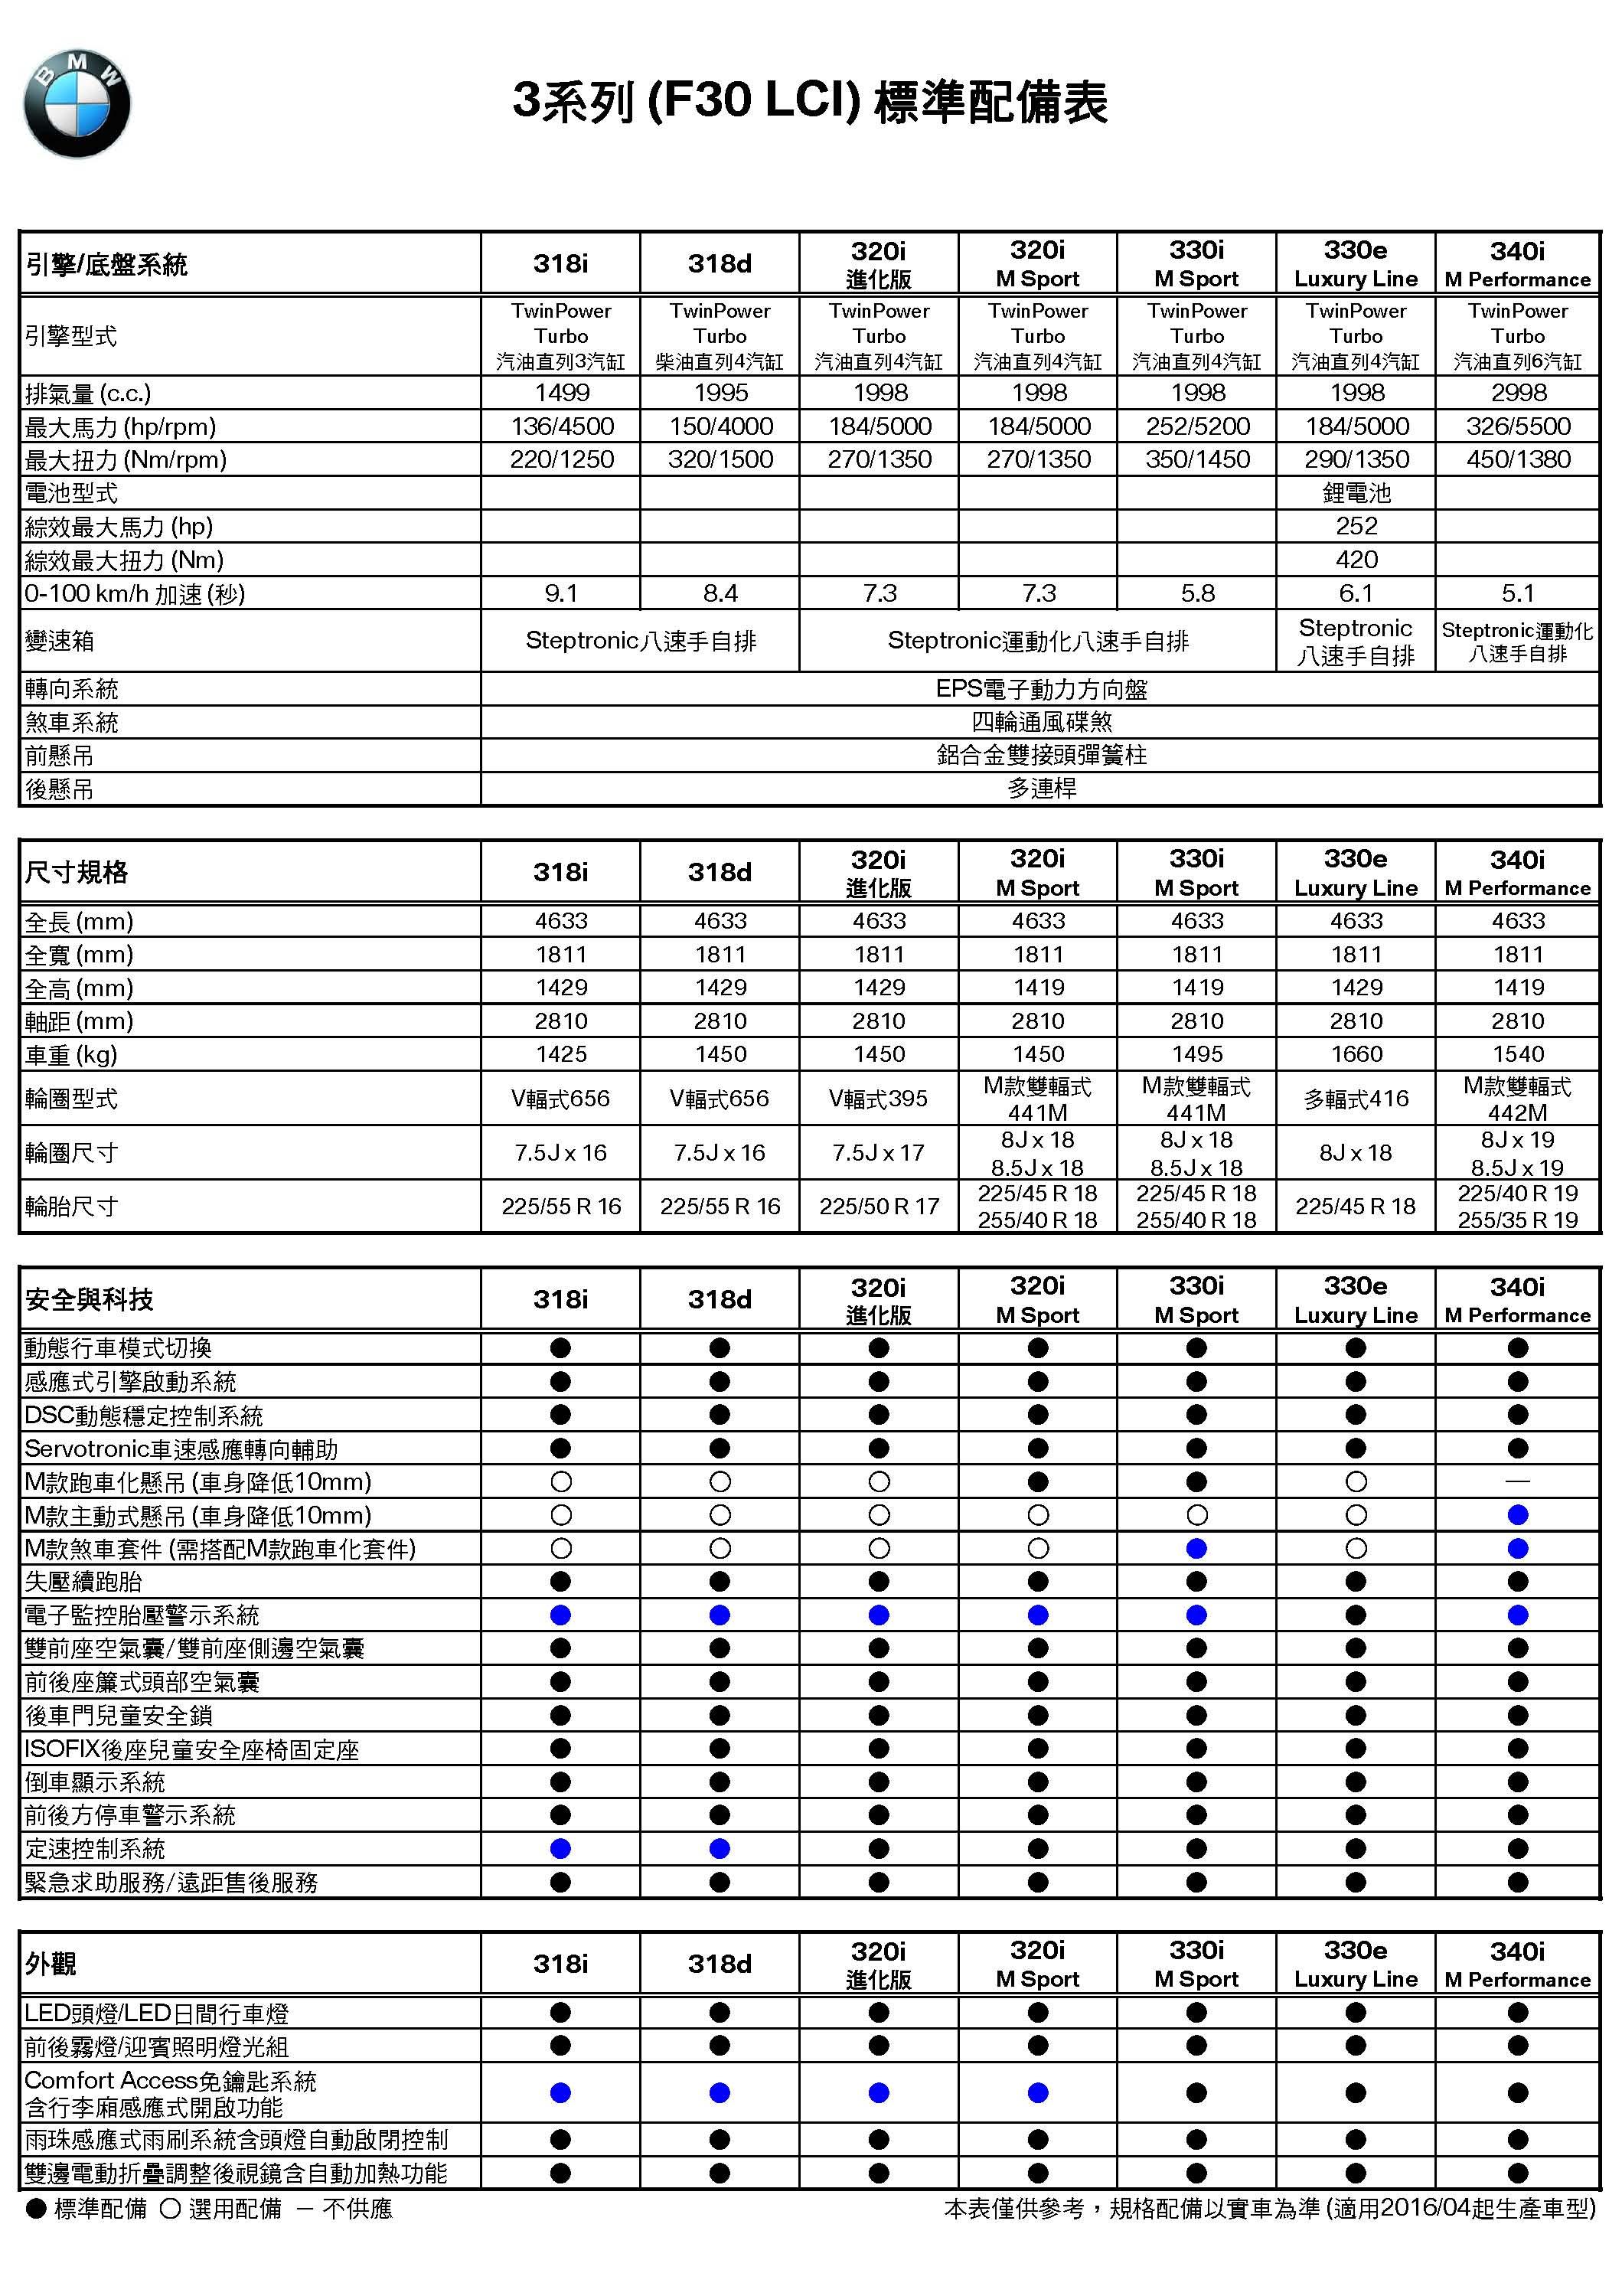 3系列(F30LCI)規格配備表(2016-04)_頁面_1